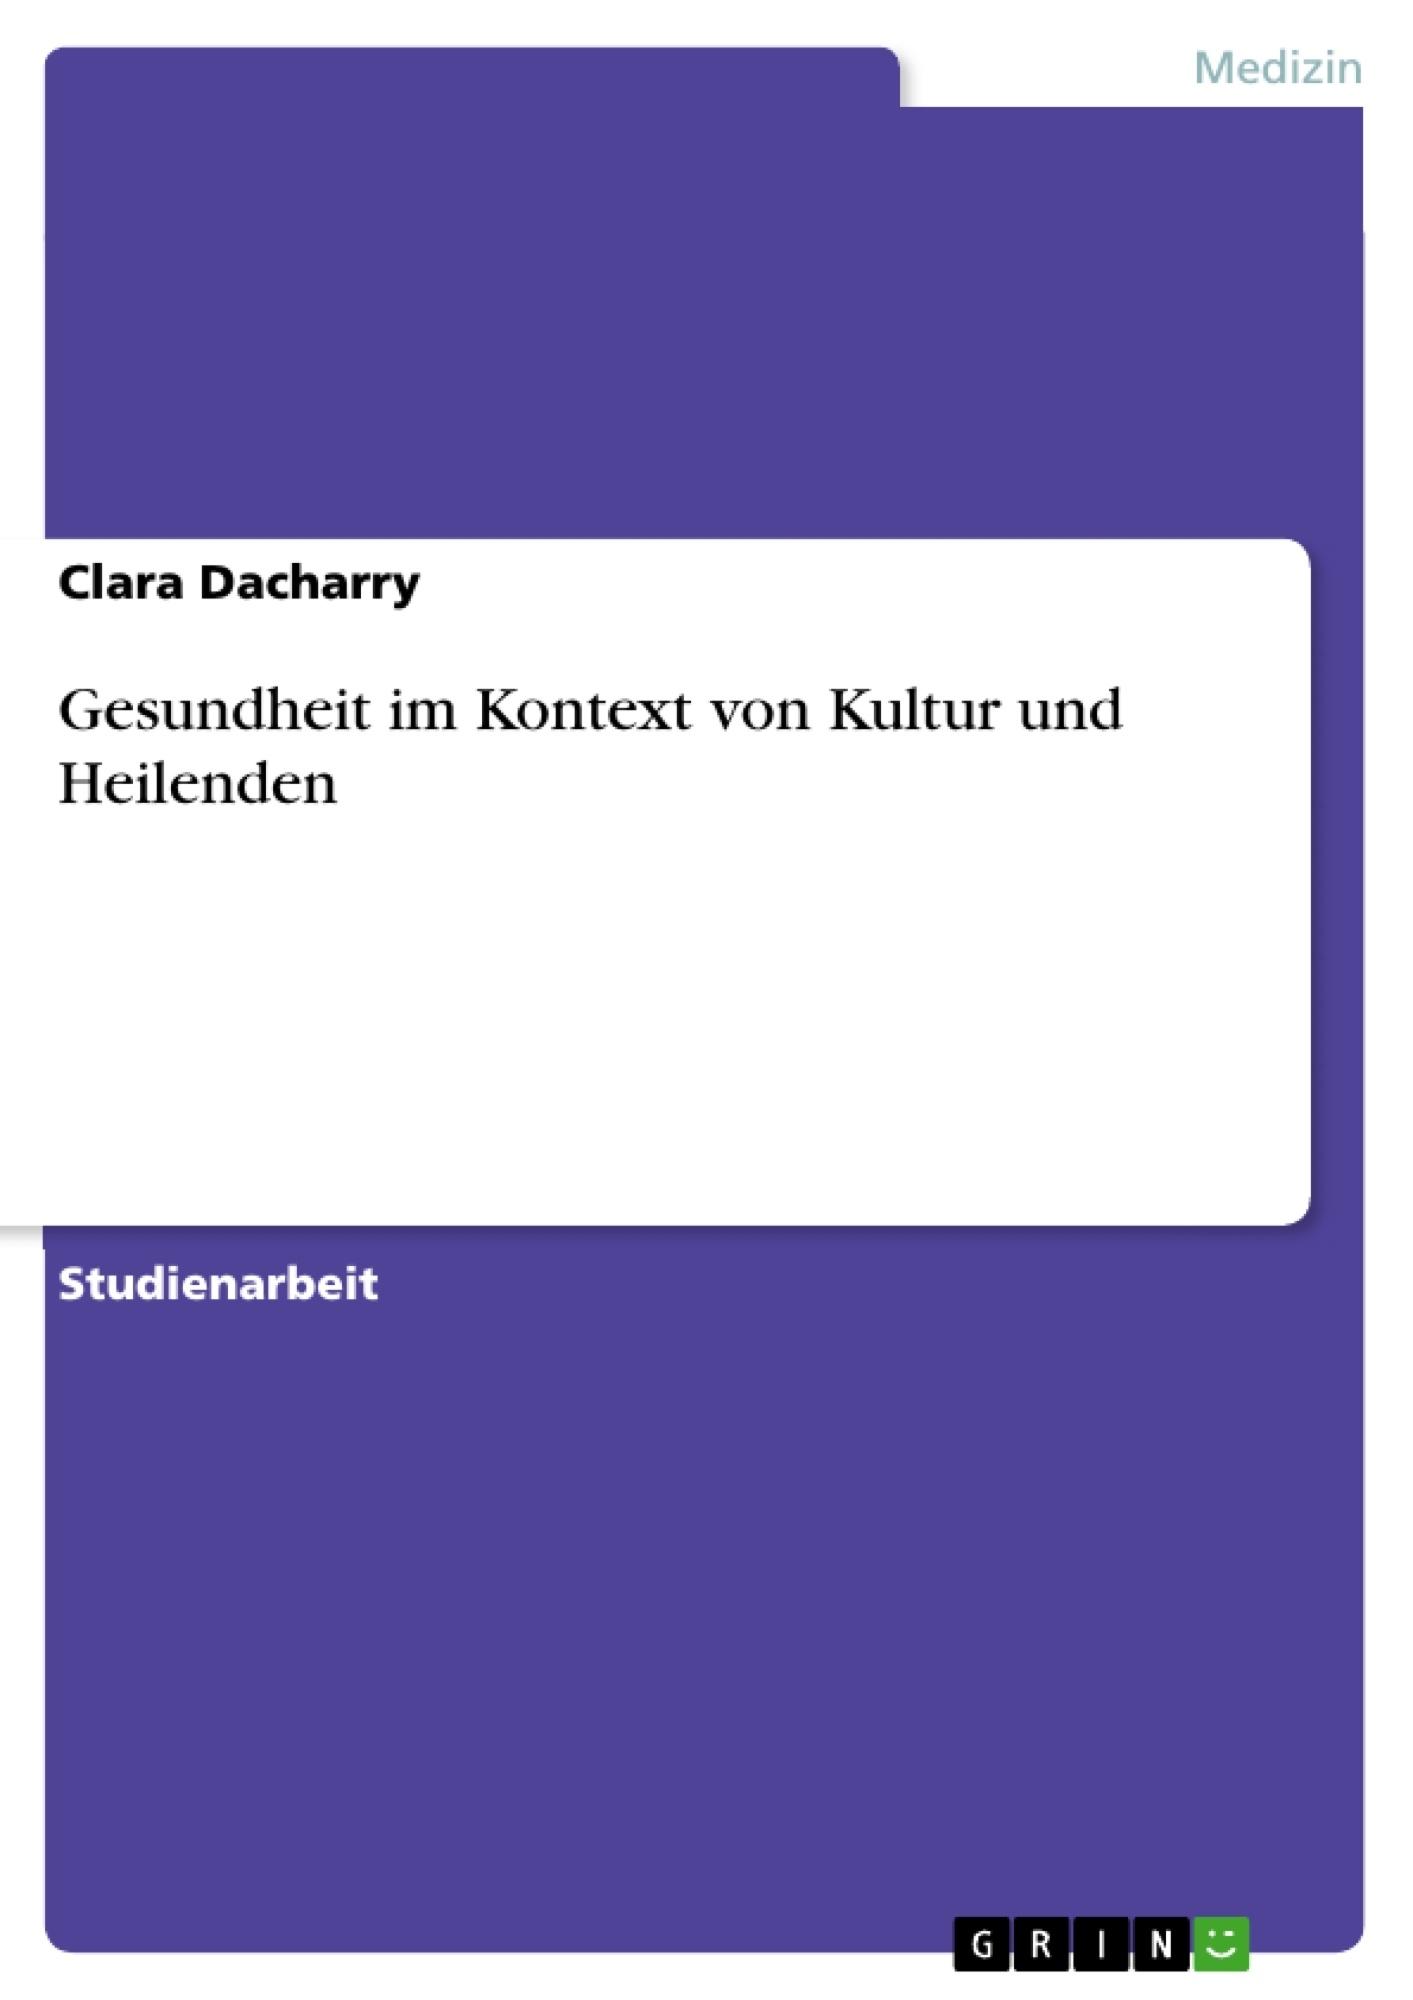 Titel: Gesundheit im Kontext von Kultur und Heilenden